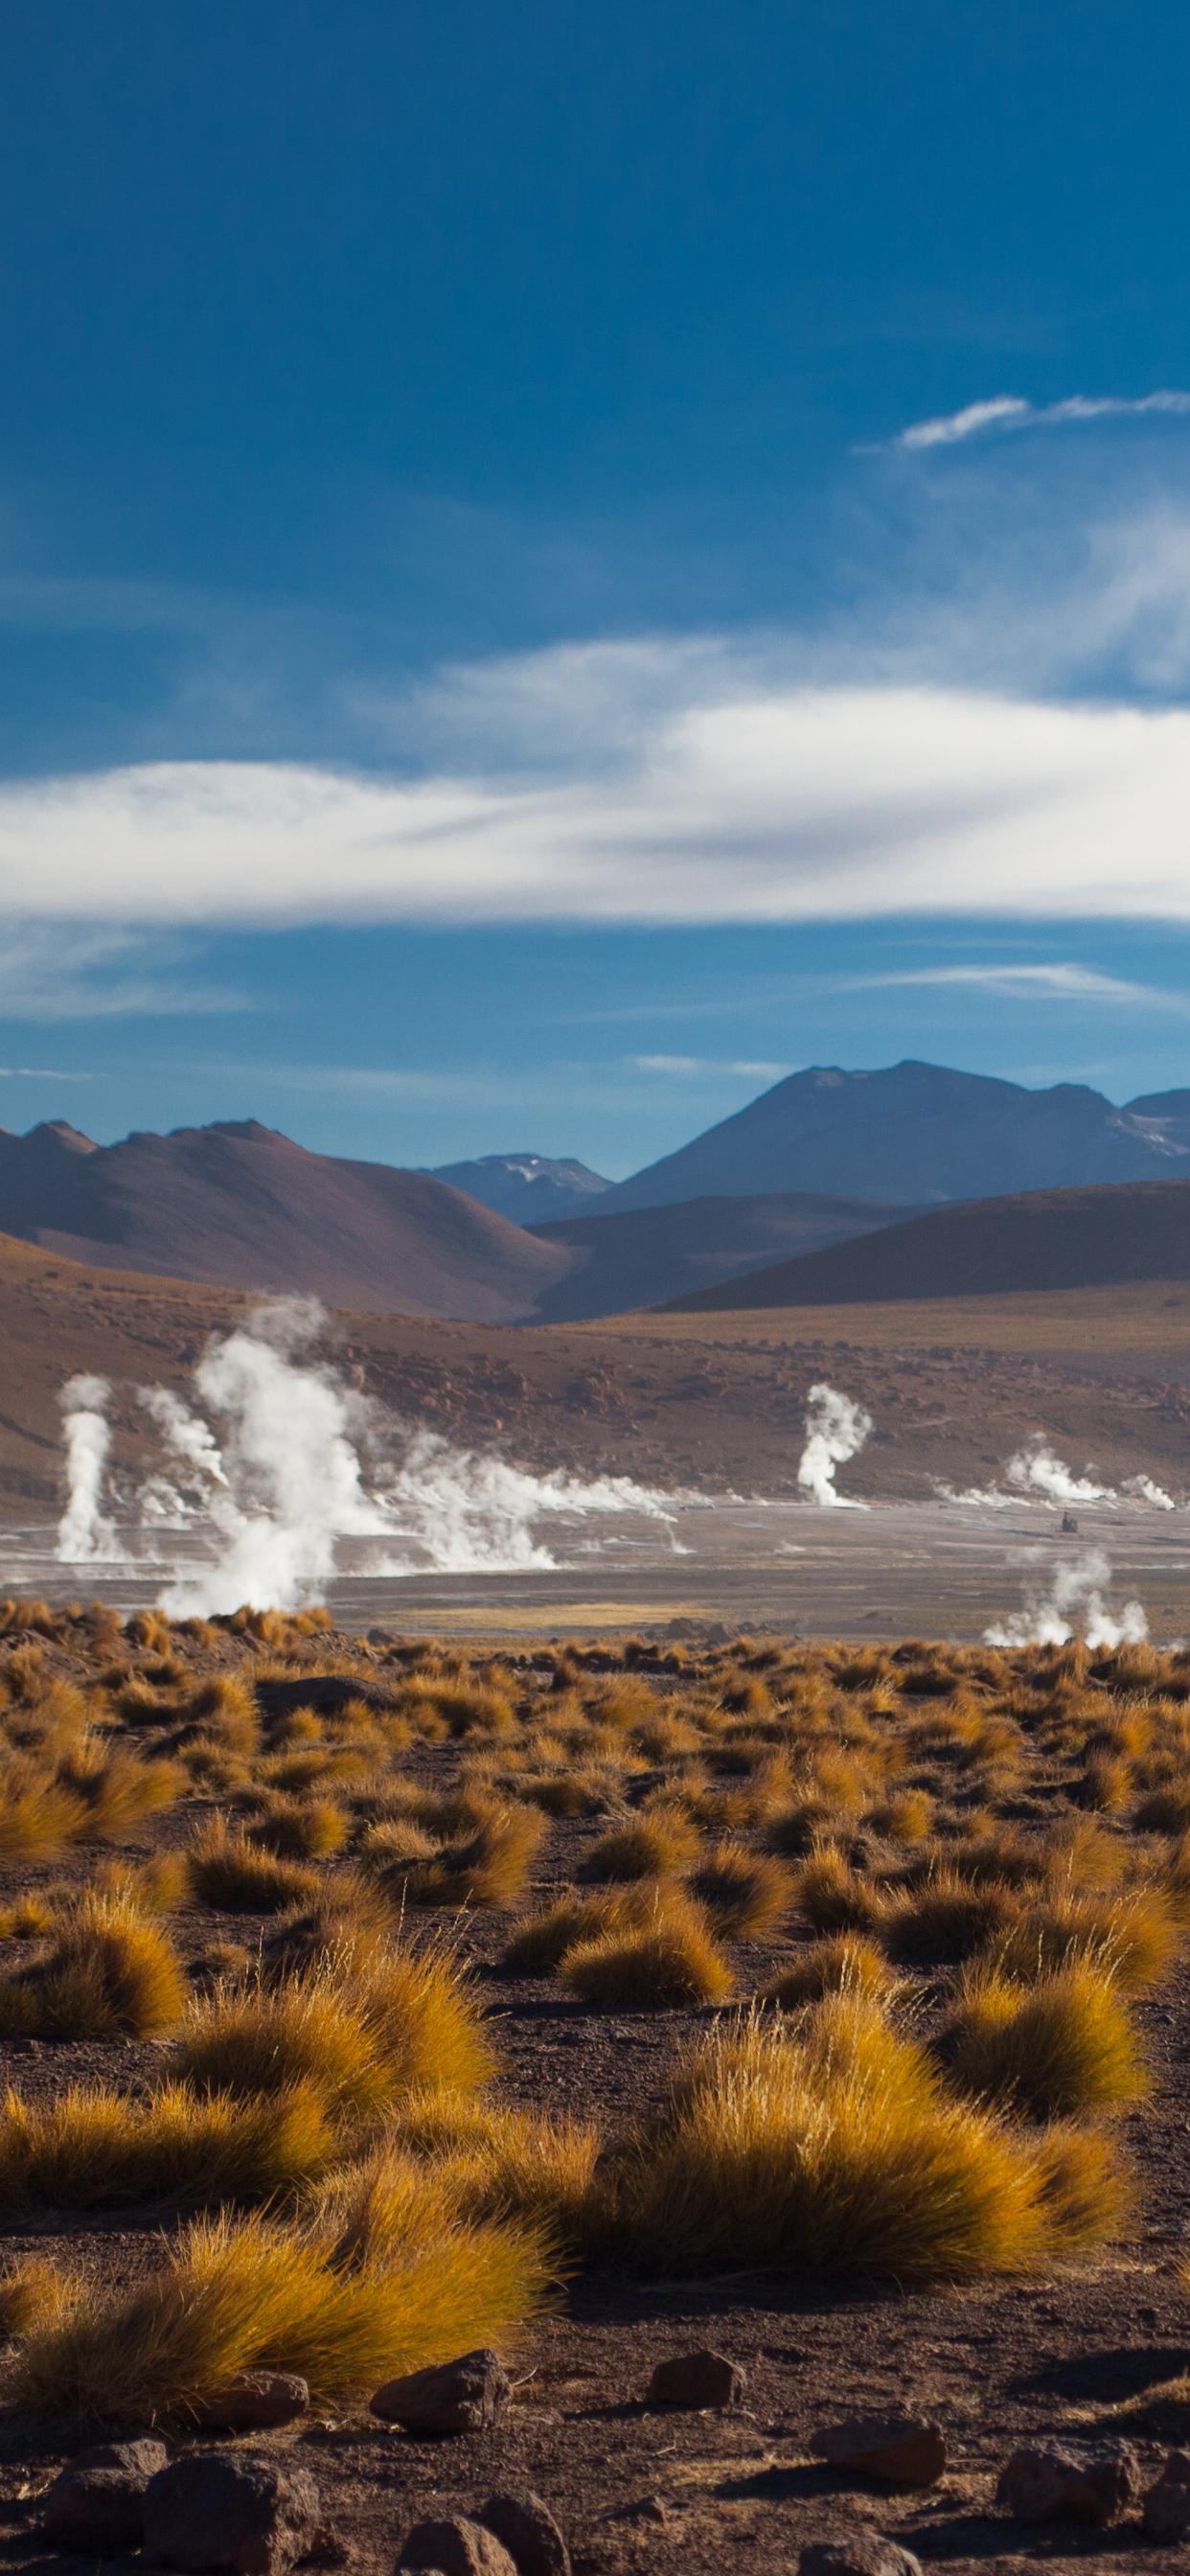 iPhone wallpapers atacama desert volcanoes geysers Fonds d'écran iPhone du 03/12/2019